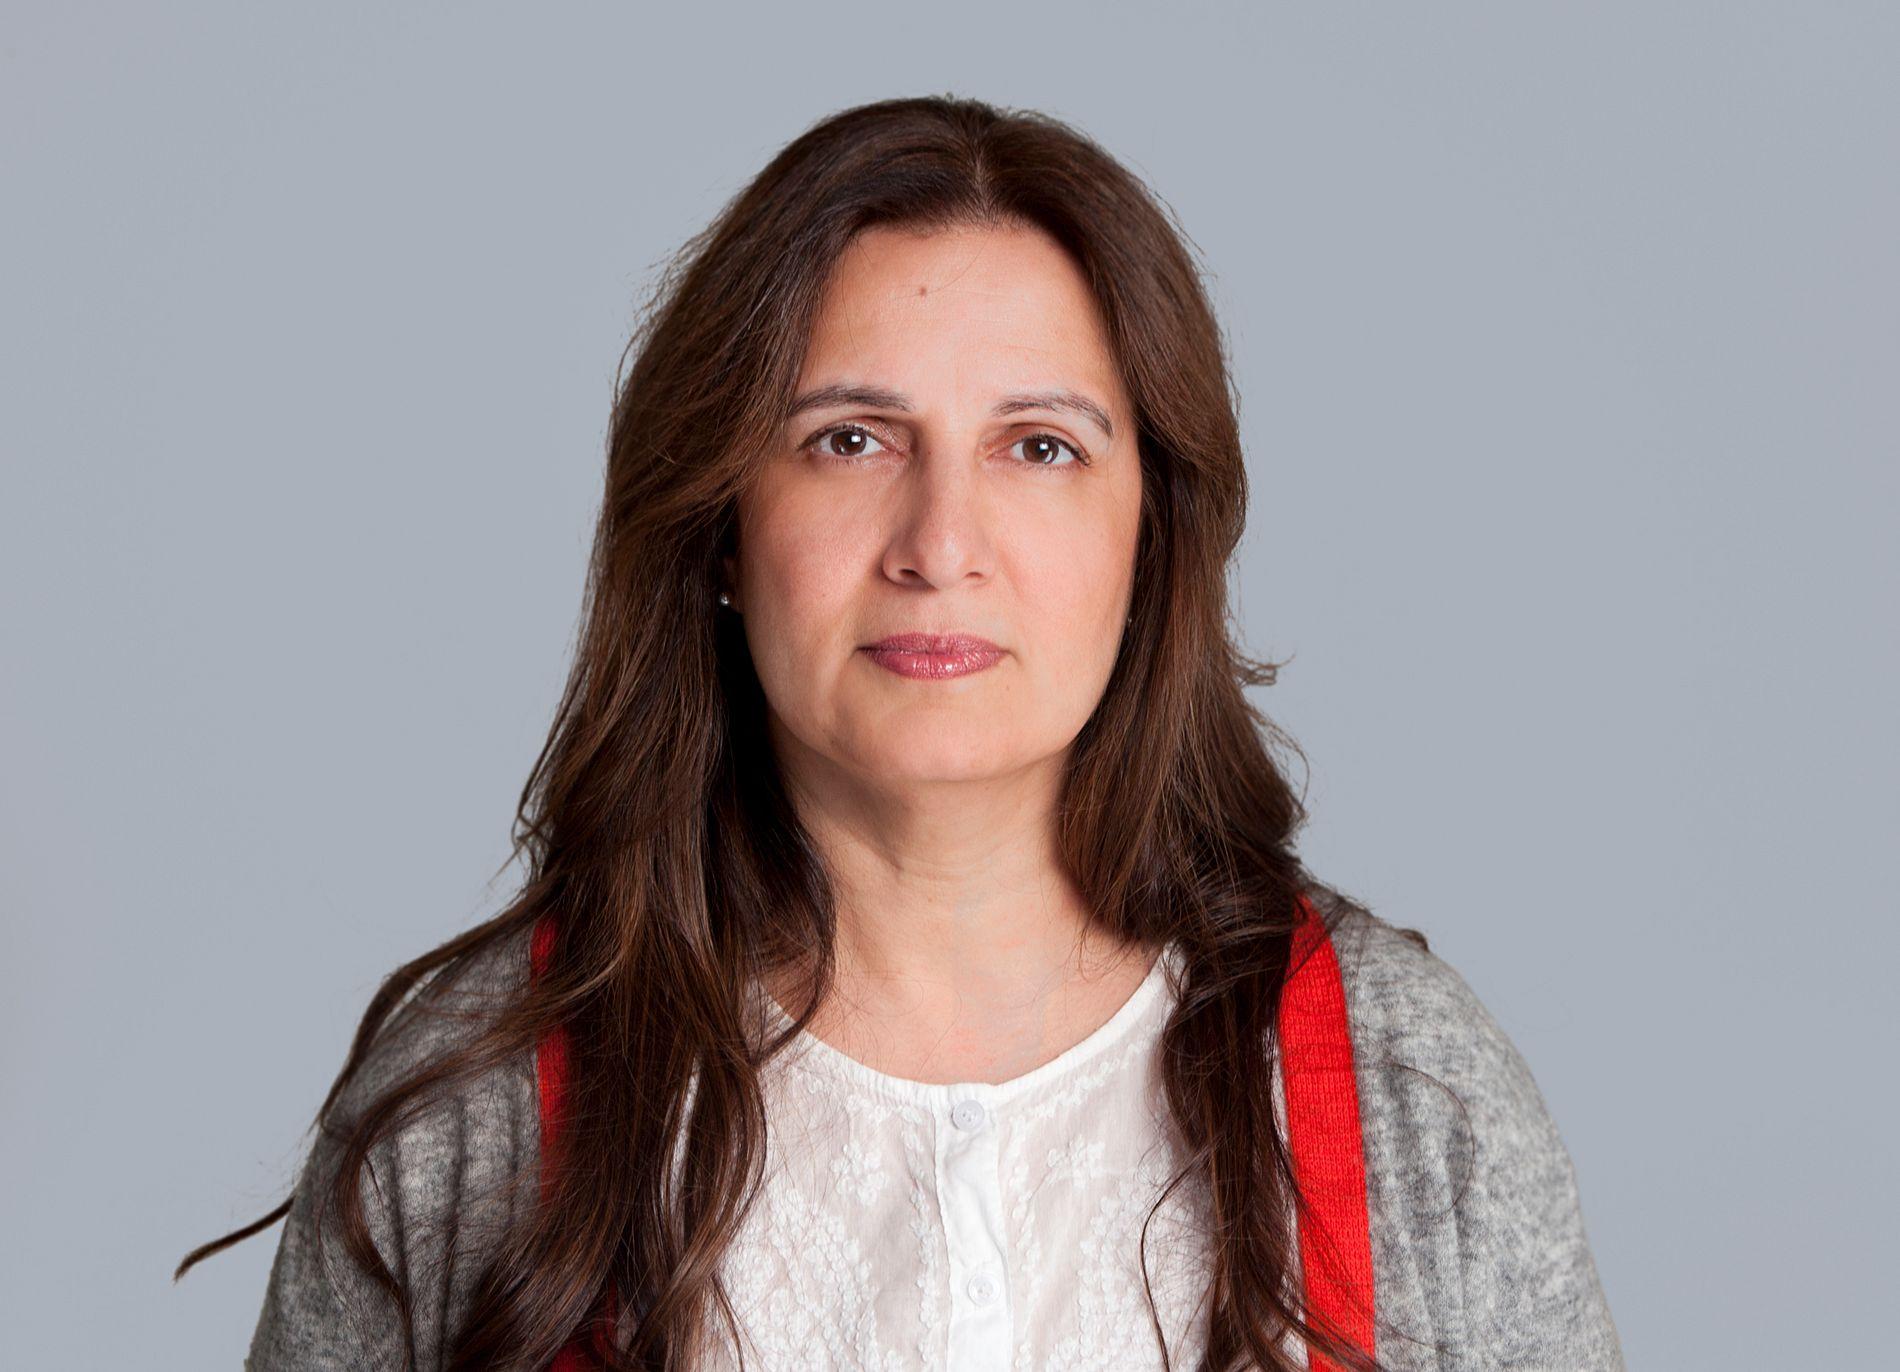 HAR SKREVET BOK: – Å forstå «den norske folkesjela» kommer ikke av seg selv. Det er mange unge som ikke vet hvordan en gjennomsnitts etnisk nordmann lever, skriver Tina Shagufta Munir Kornmo.